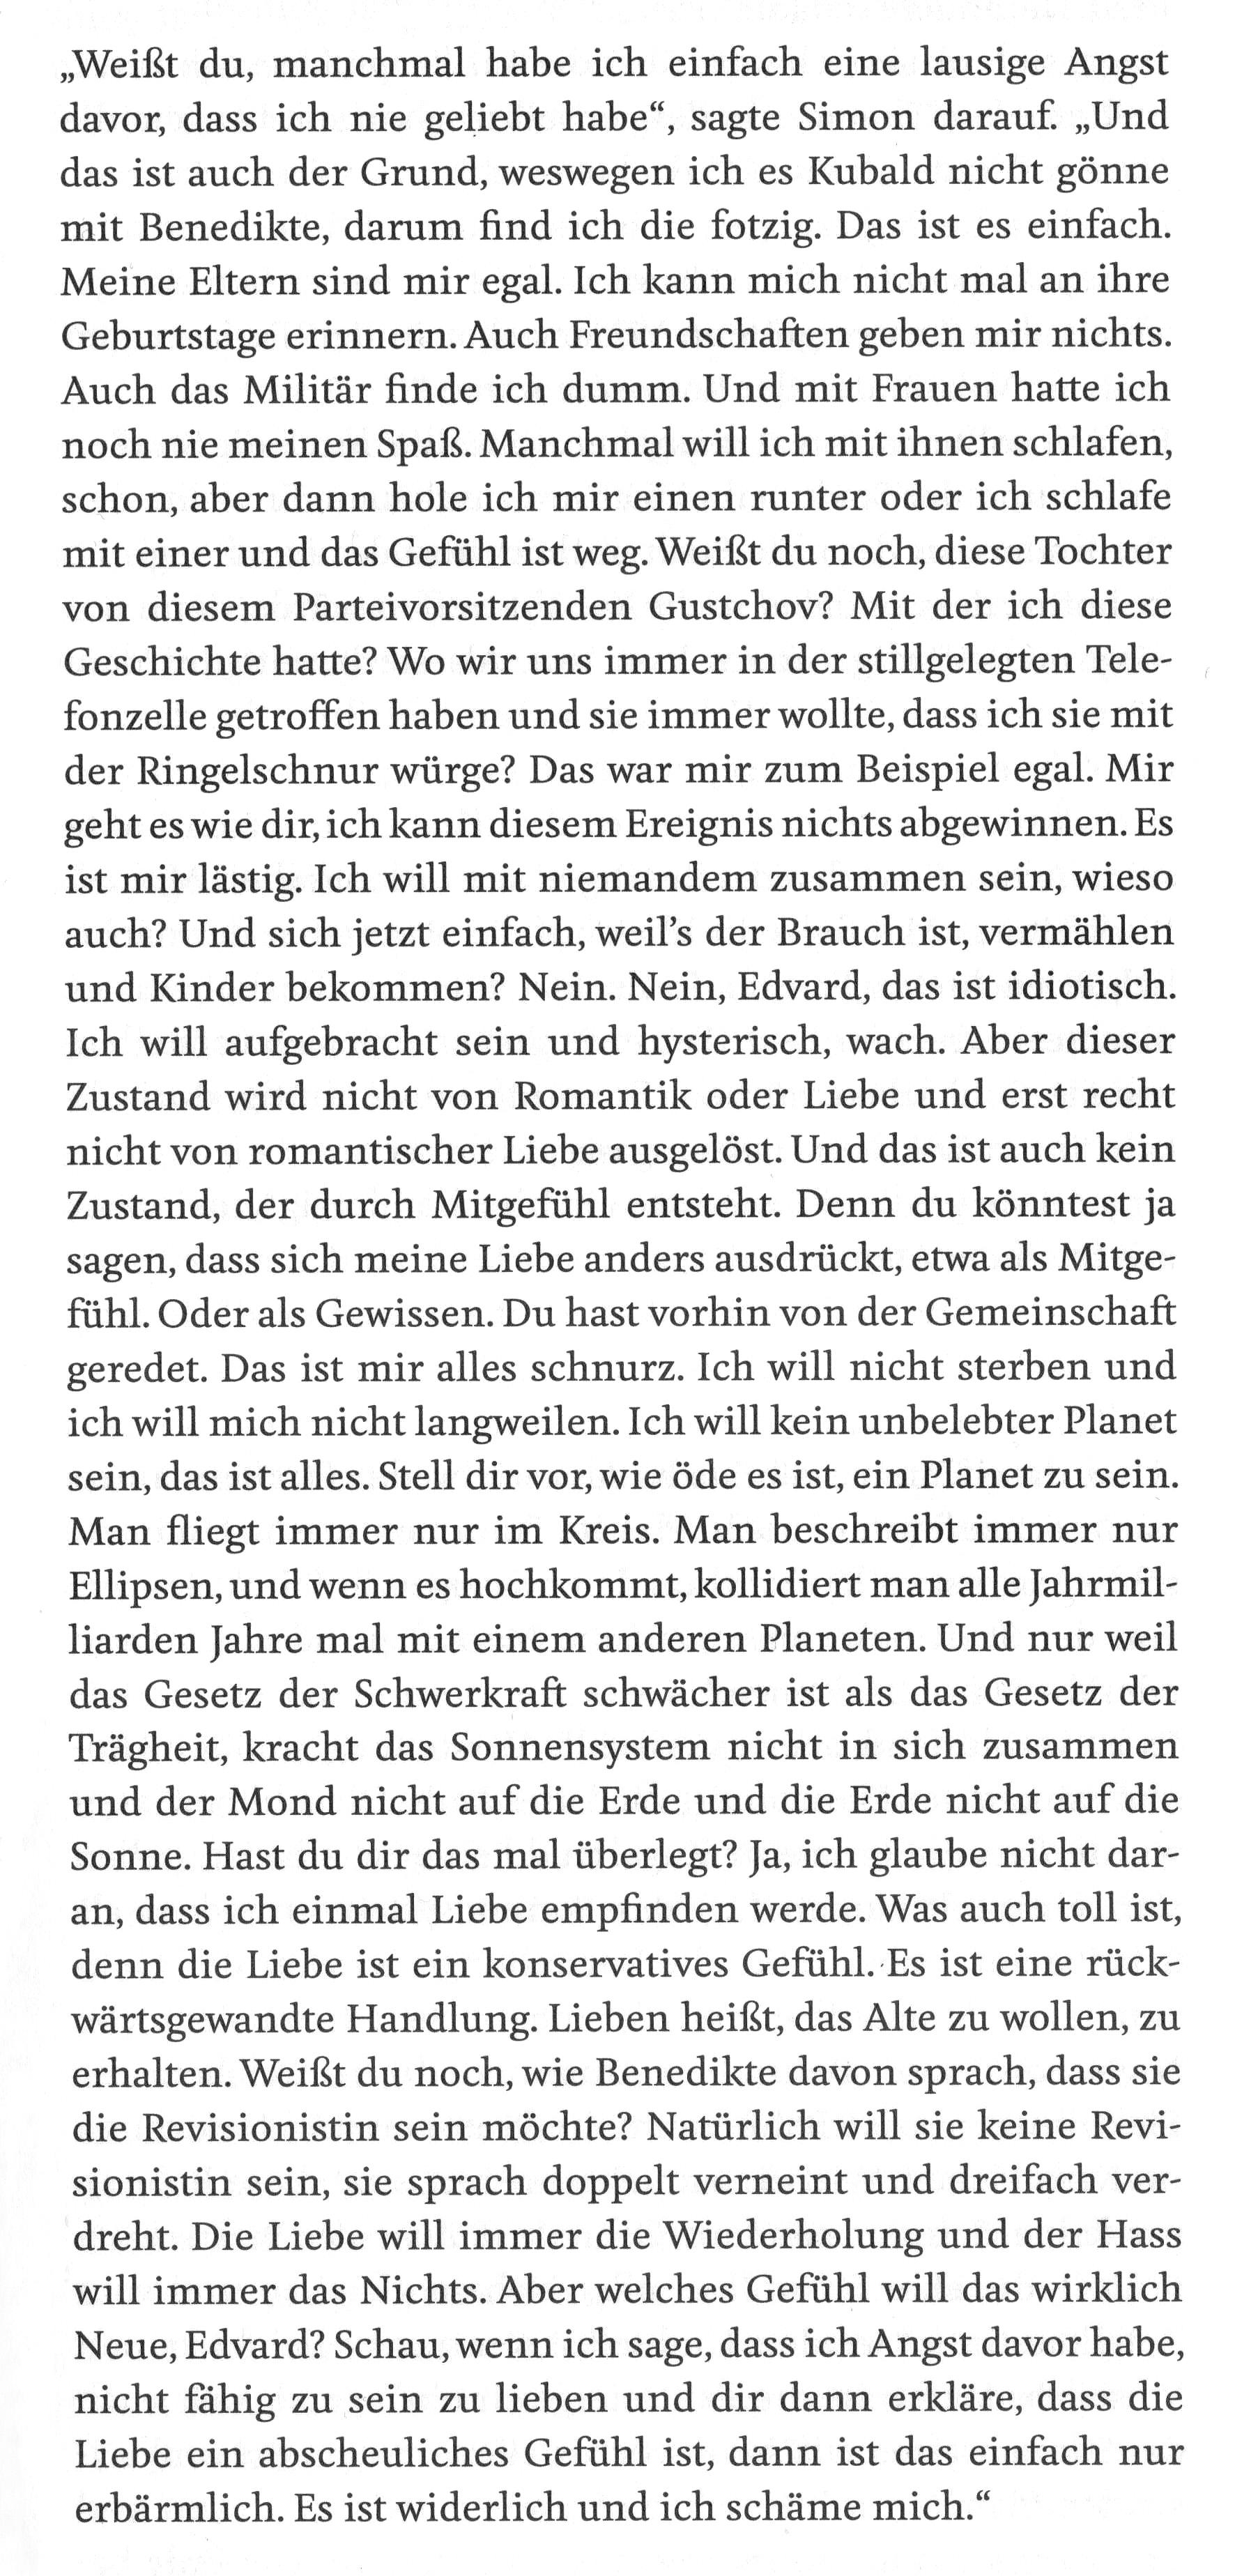 © Verlag Matthes & Seitz